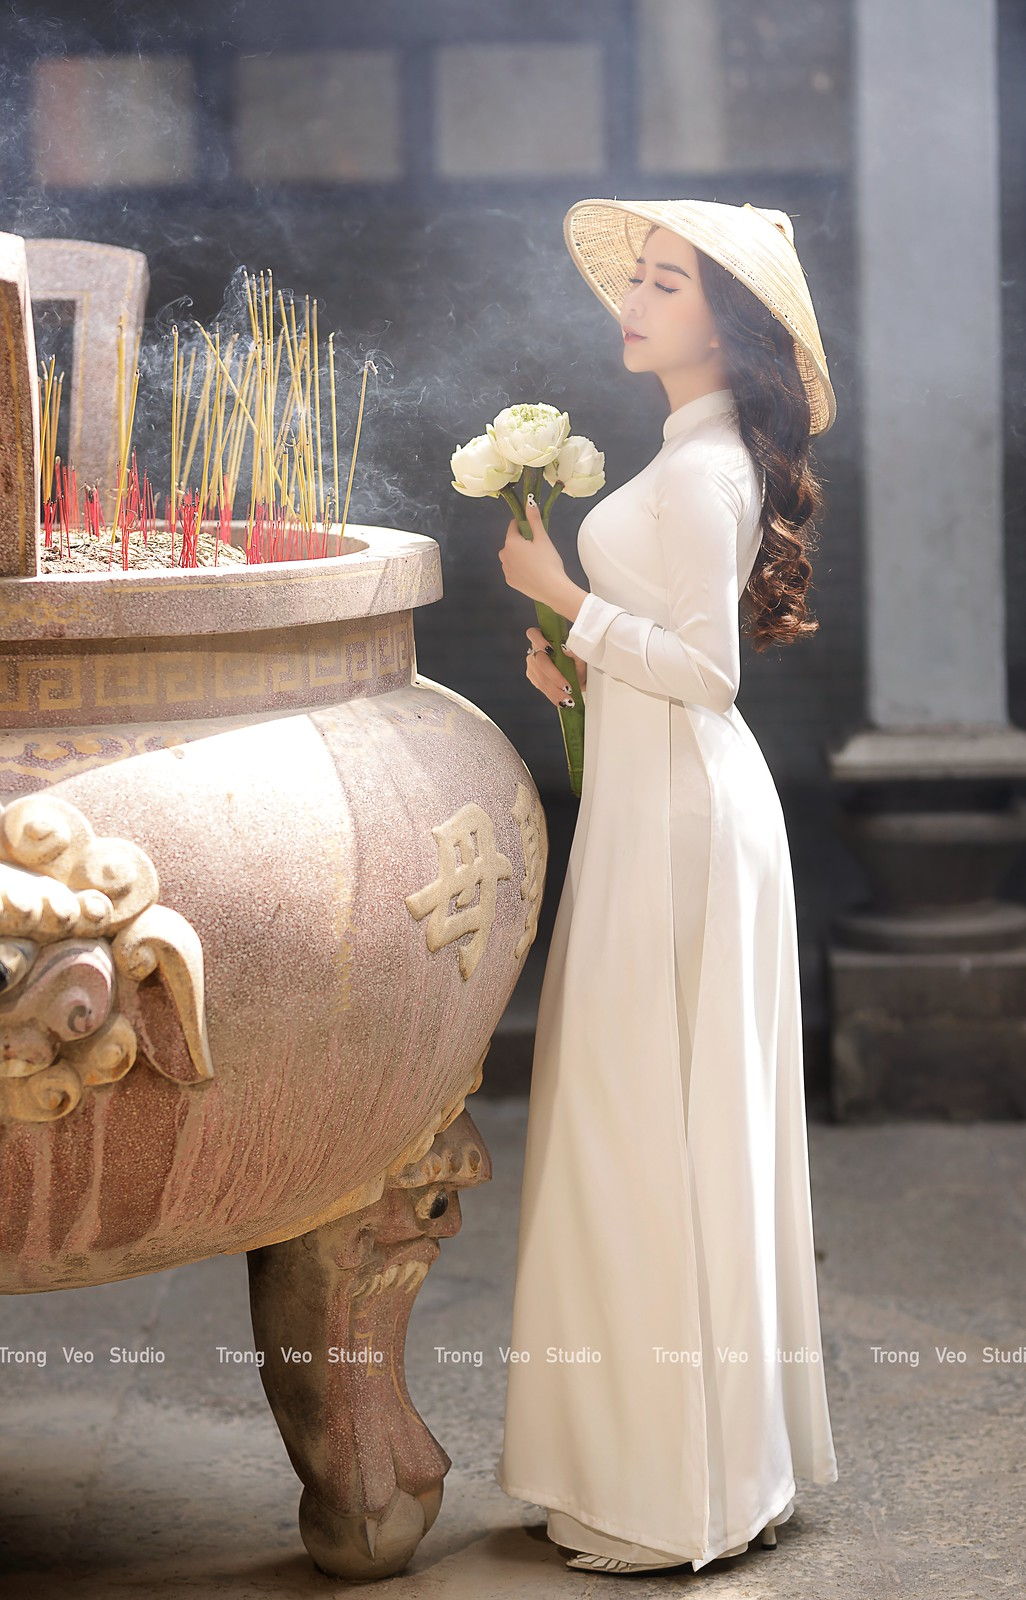 Ngắm hot girl Lục Anh xinh đẹp như hoa không sao tả xiết trong tà áo dài truyền thống - 27